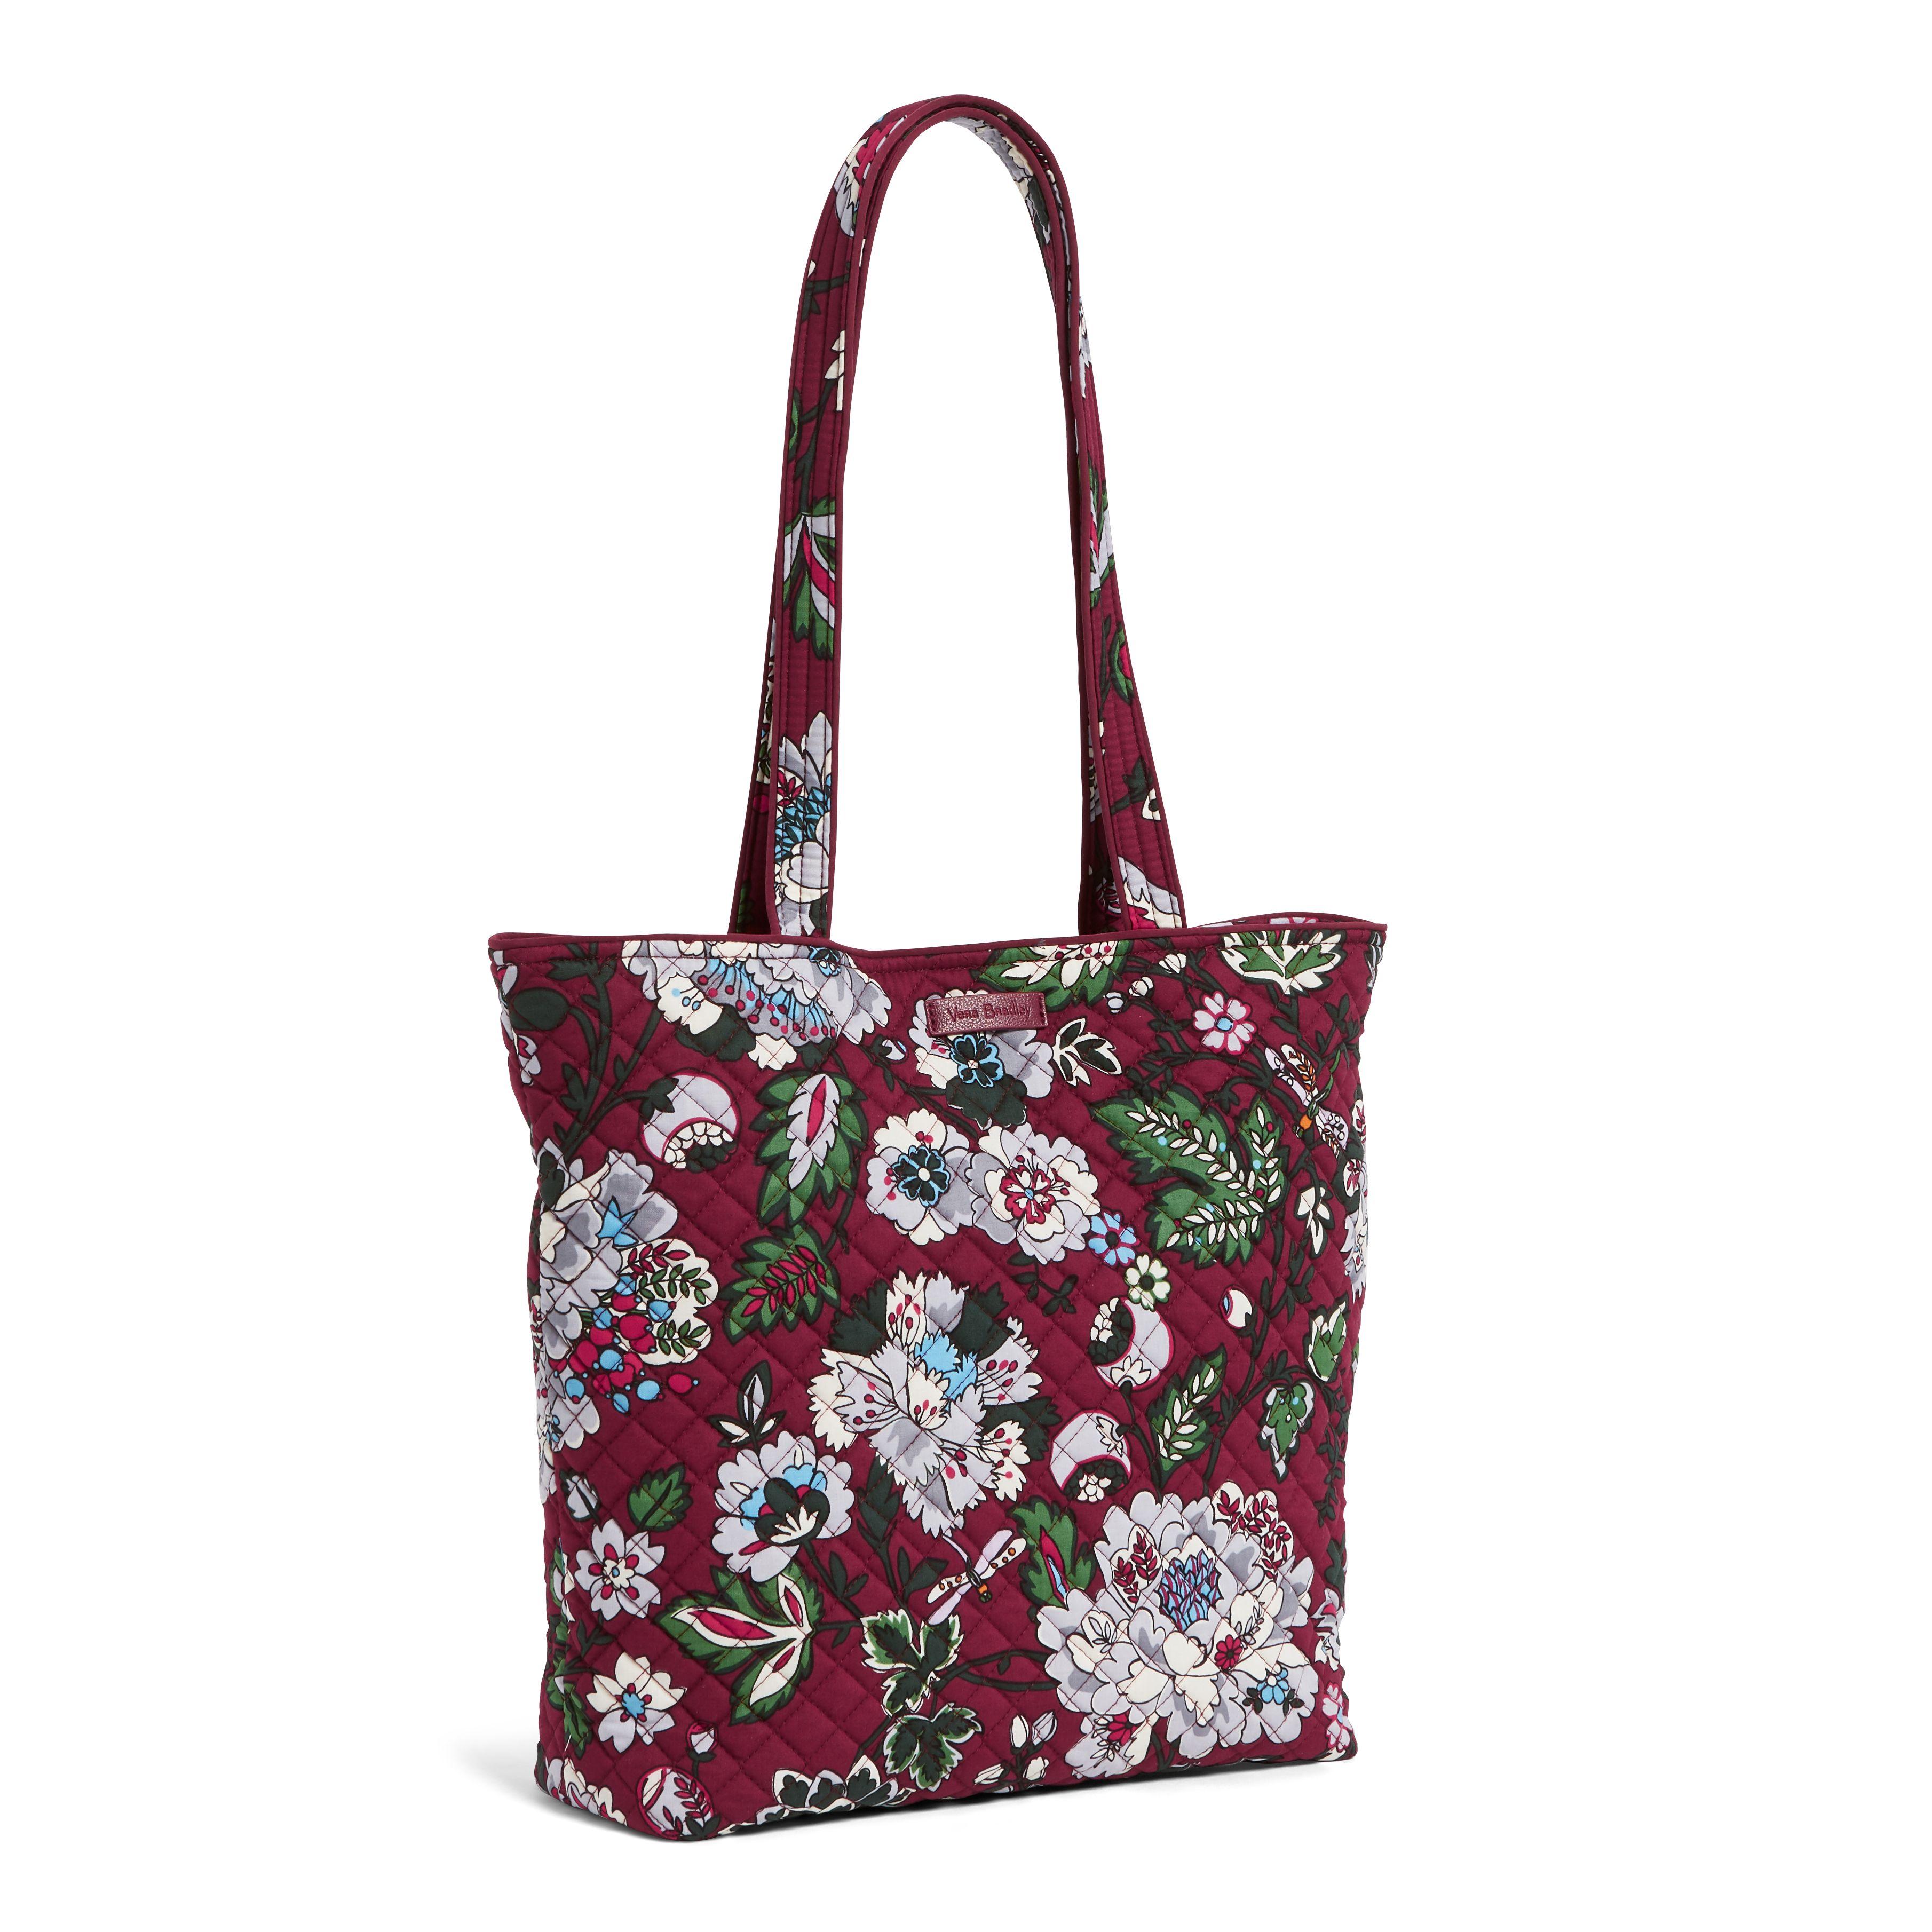 28da618f40 Iconic Tote Bag